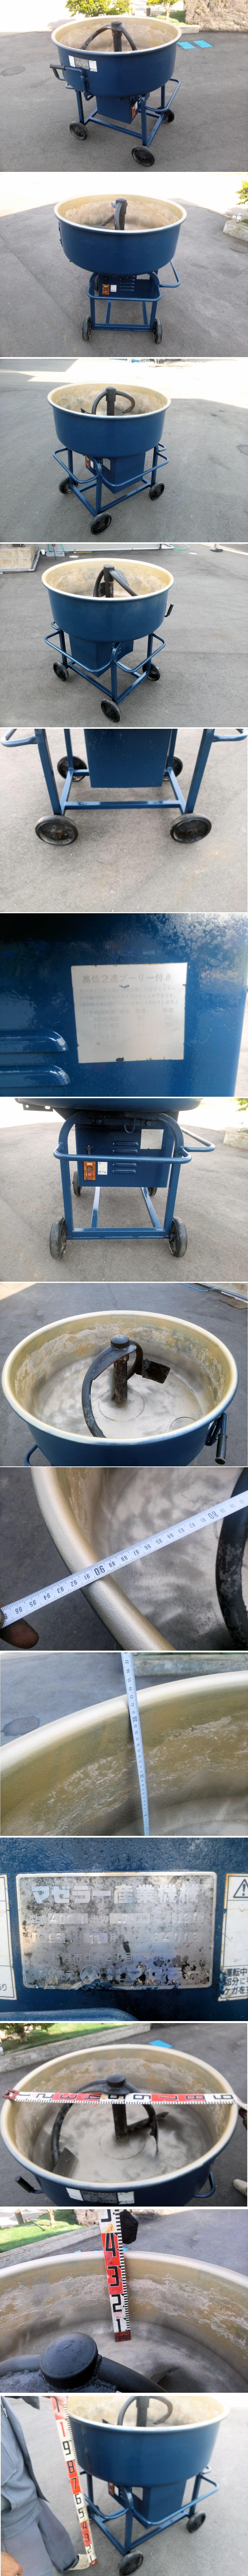 マゼラー 攪拌機 コンクリート モルタルミキサー 40GH 高低2速プーリー付 簡易塗装済 200V 実働品 中古